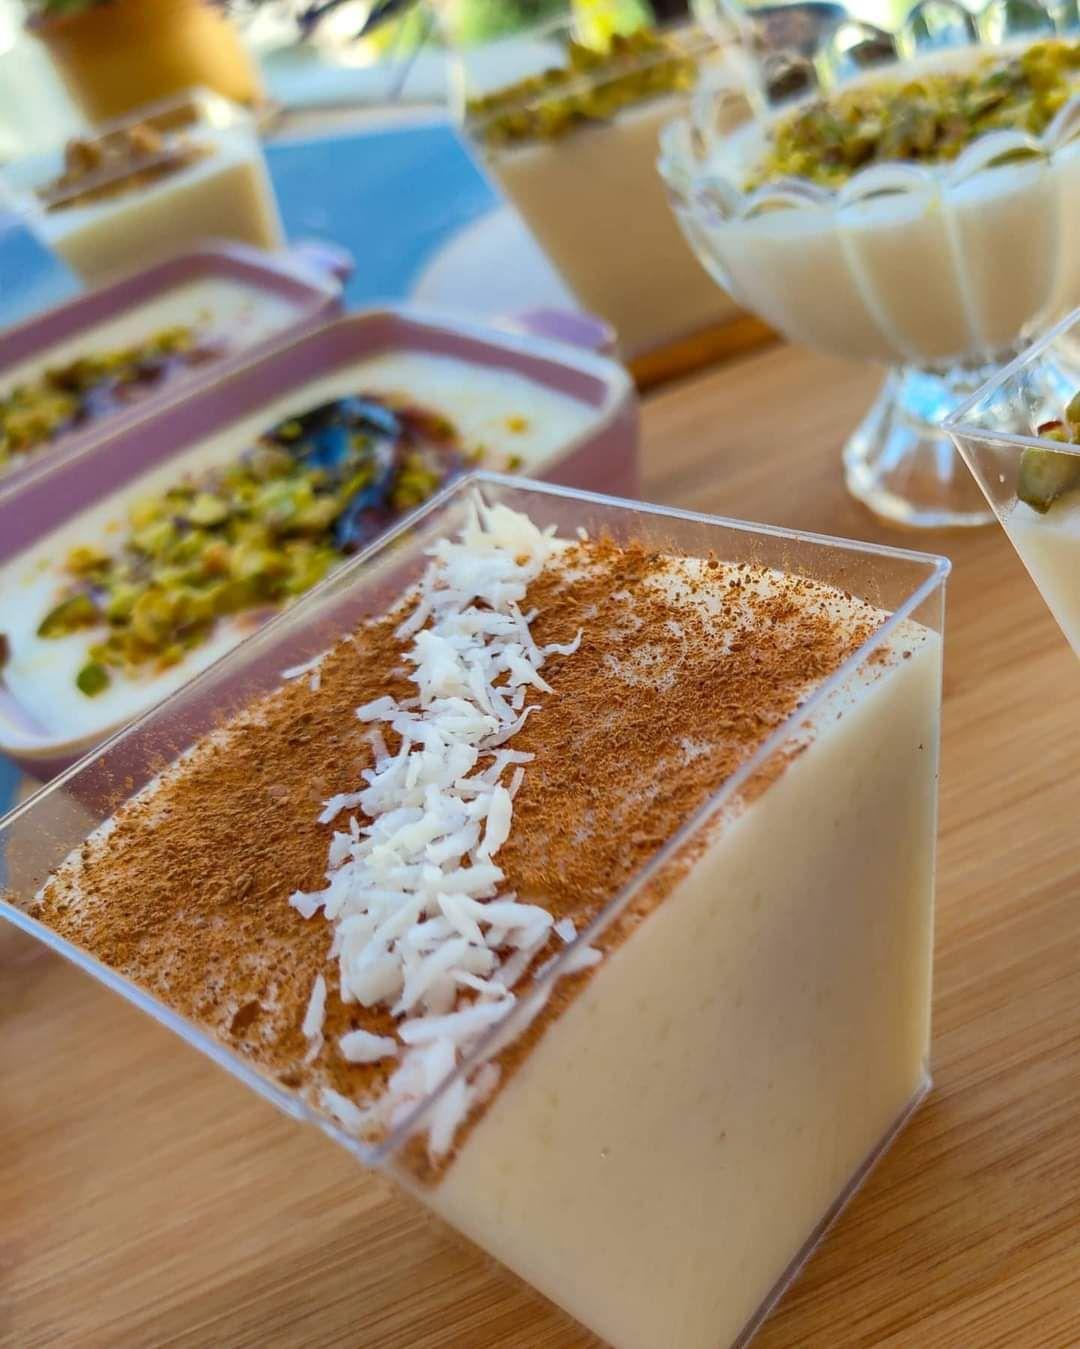 وصفة سولتاج تركي رز بحليب عالطريقة التركية مكتوبة بالتفصيل Recipes Cooking Recipes Food